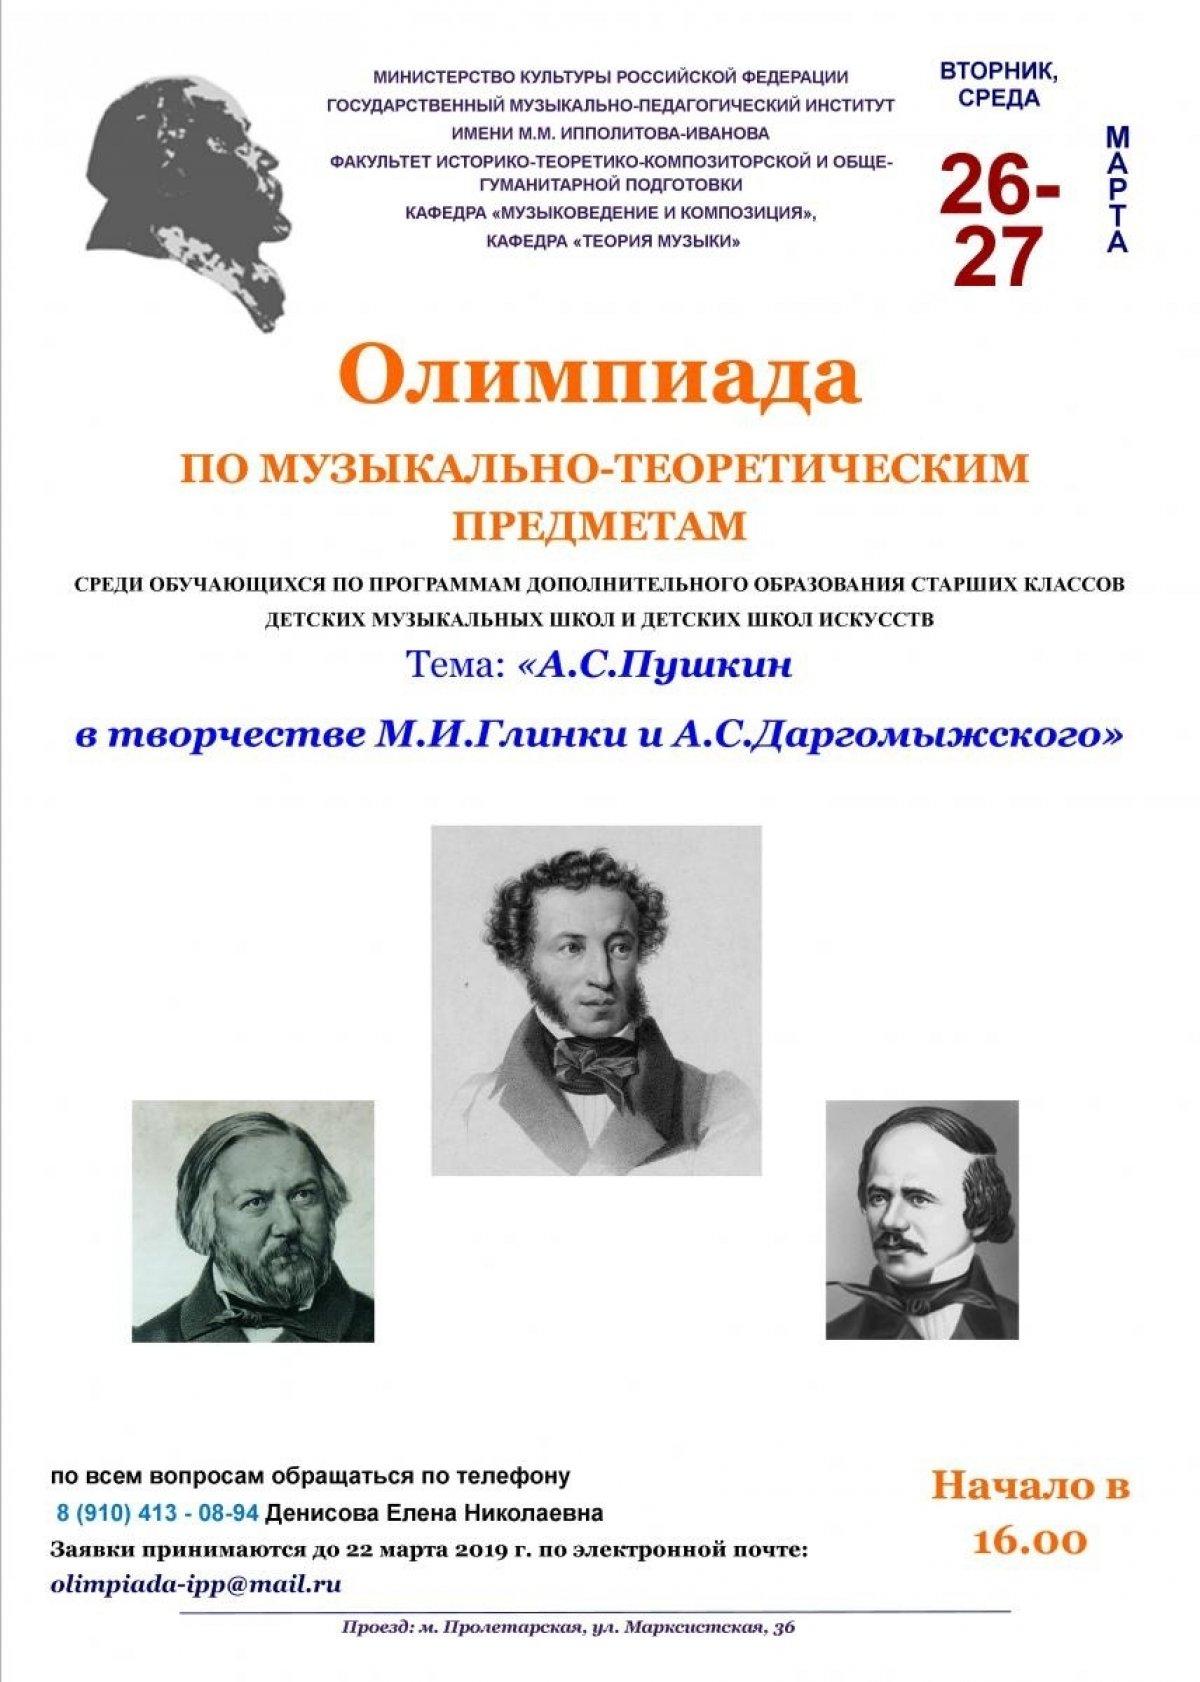 Приглашаем юных музыкантов на олимпиаду в ГМПИ им. М. М. Ипполитова-Иванова!